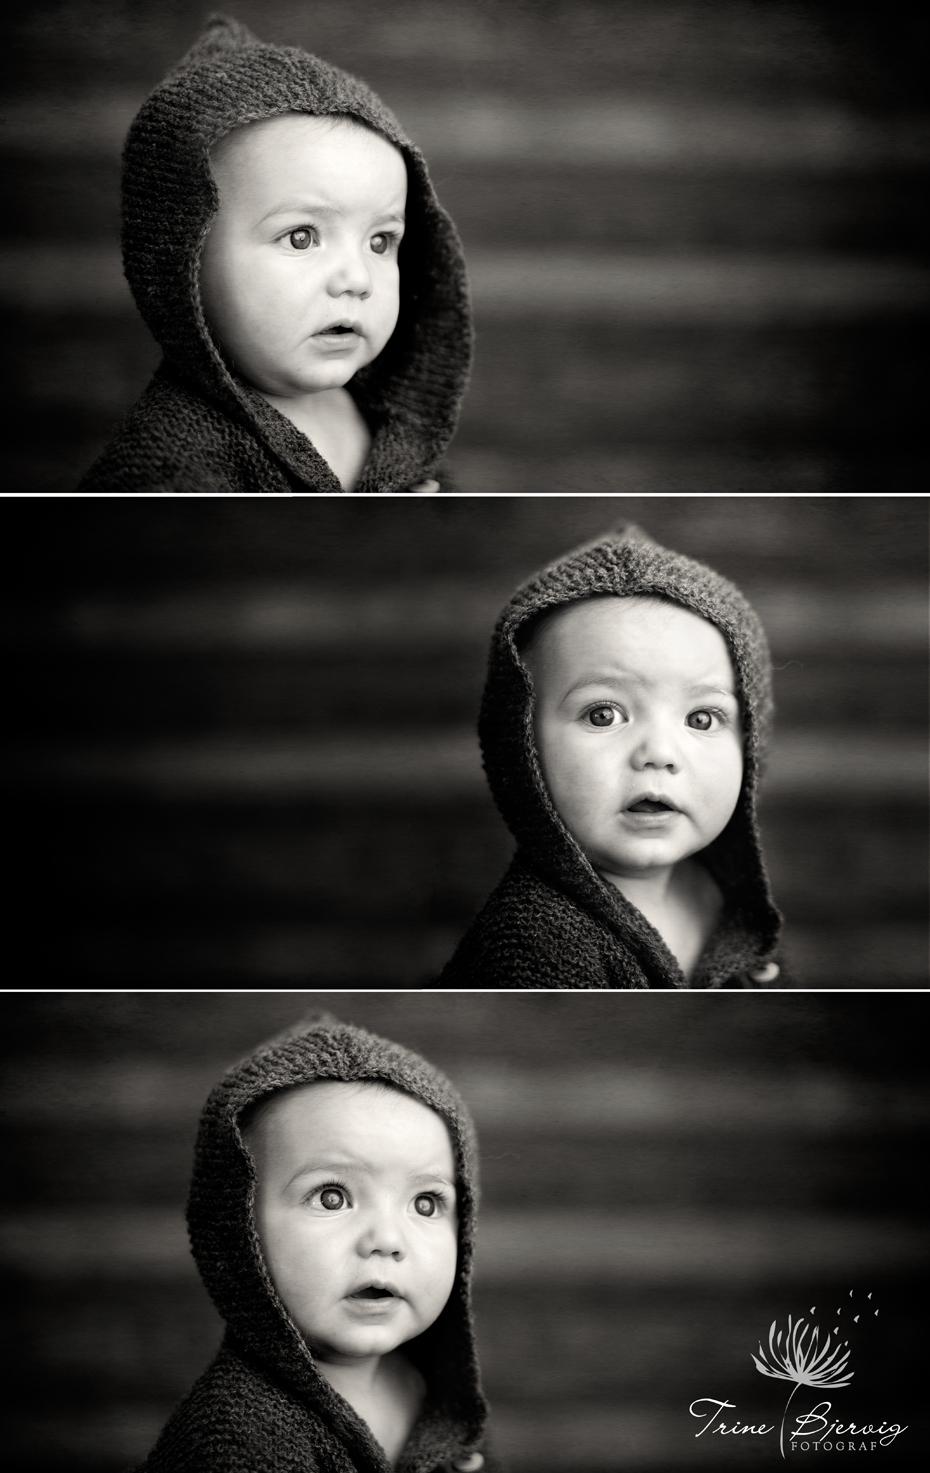 svart/hvitt barnebilder av gutt fra oslo, fotografert av fotograf trine bjervig i tønsberg